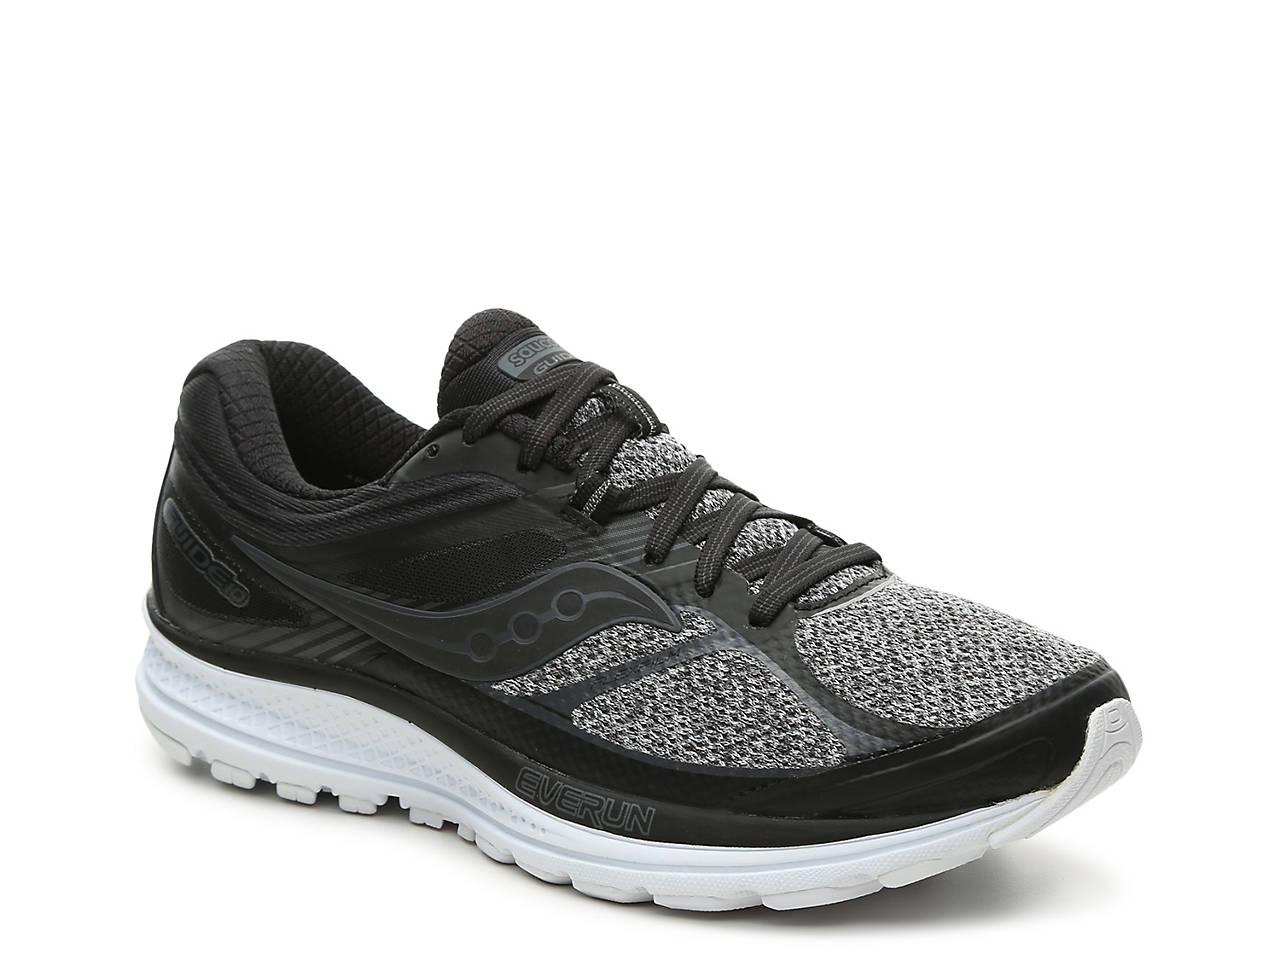 ca764f7123 Saucony Guide 10 Running Shoe - Men's Men's Shoes | DSW